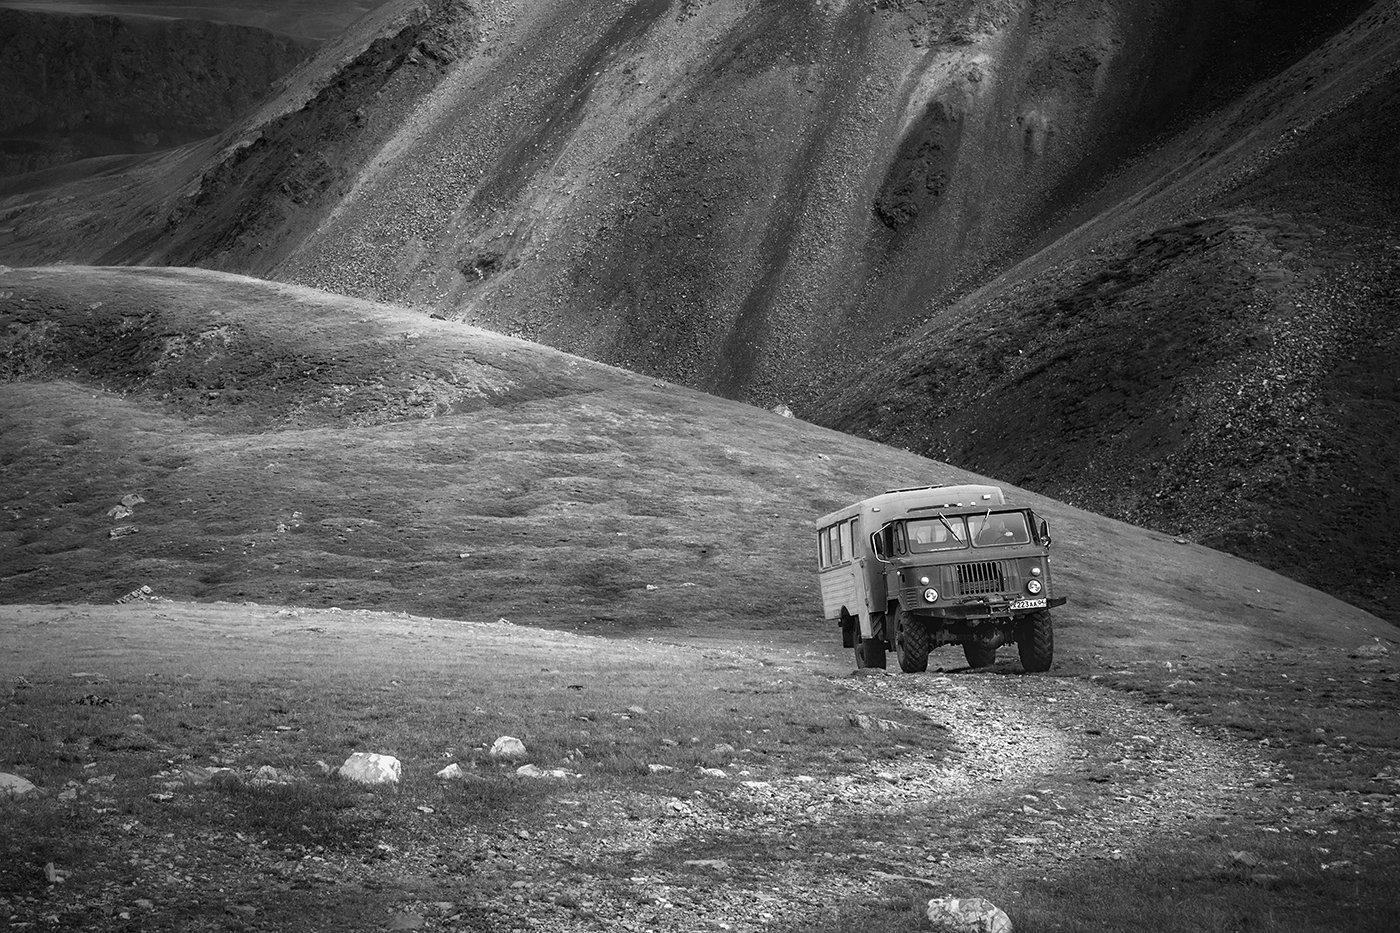 пейзаж, горы, перевал, дорога, машина, вездеход, шишига, подъем, крутой, чб, черно-белое, алтай, сибирь, трудный, тяжелый, Антипов Дмитрий